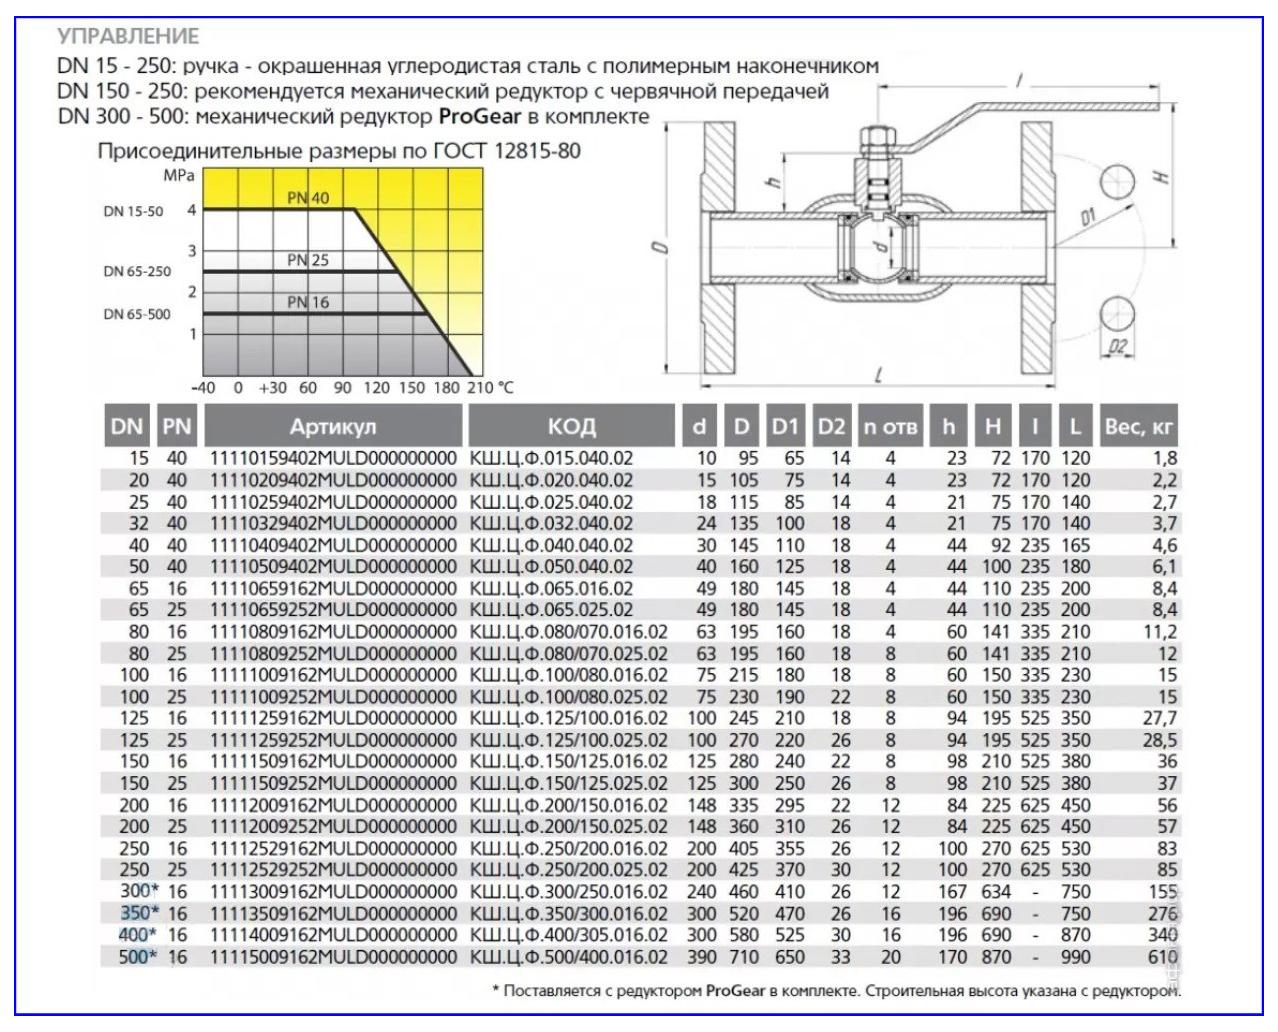 Технические характеристики шаровых кранов LD.